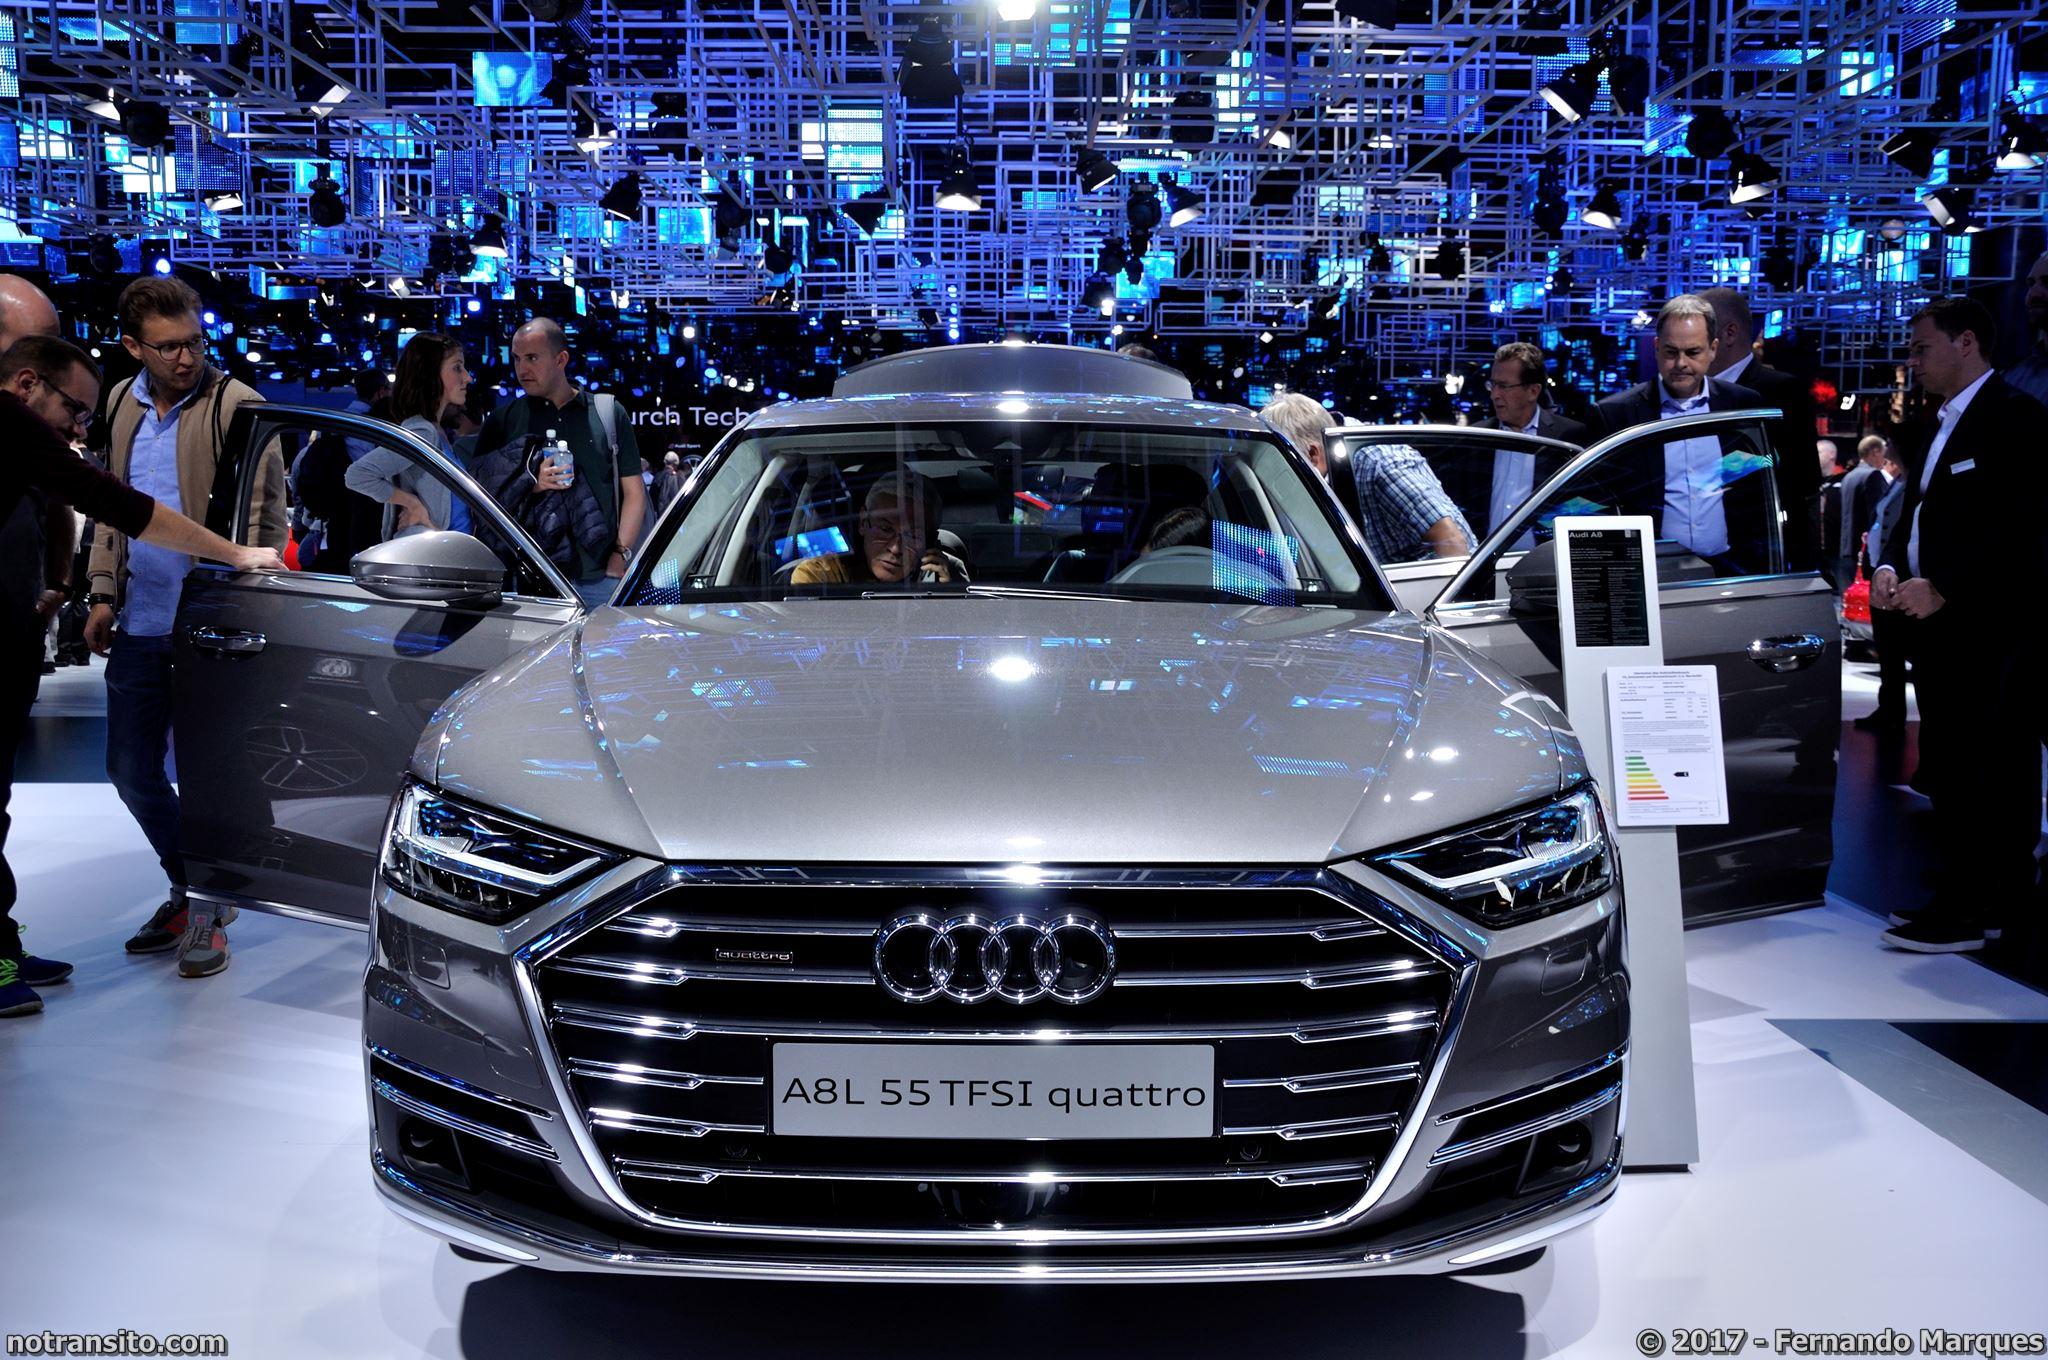 Audi-A8-Frankfurt-2017-006